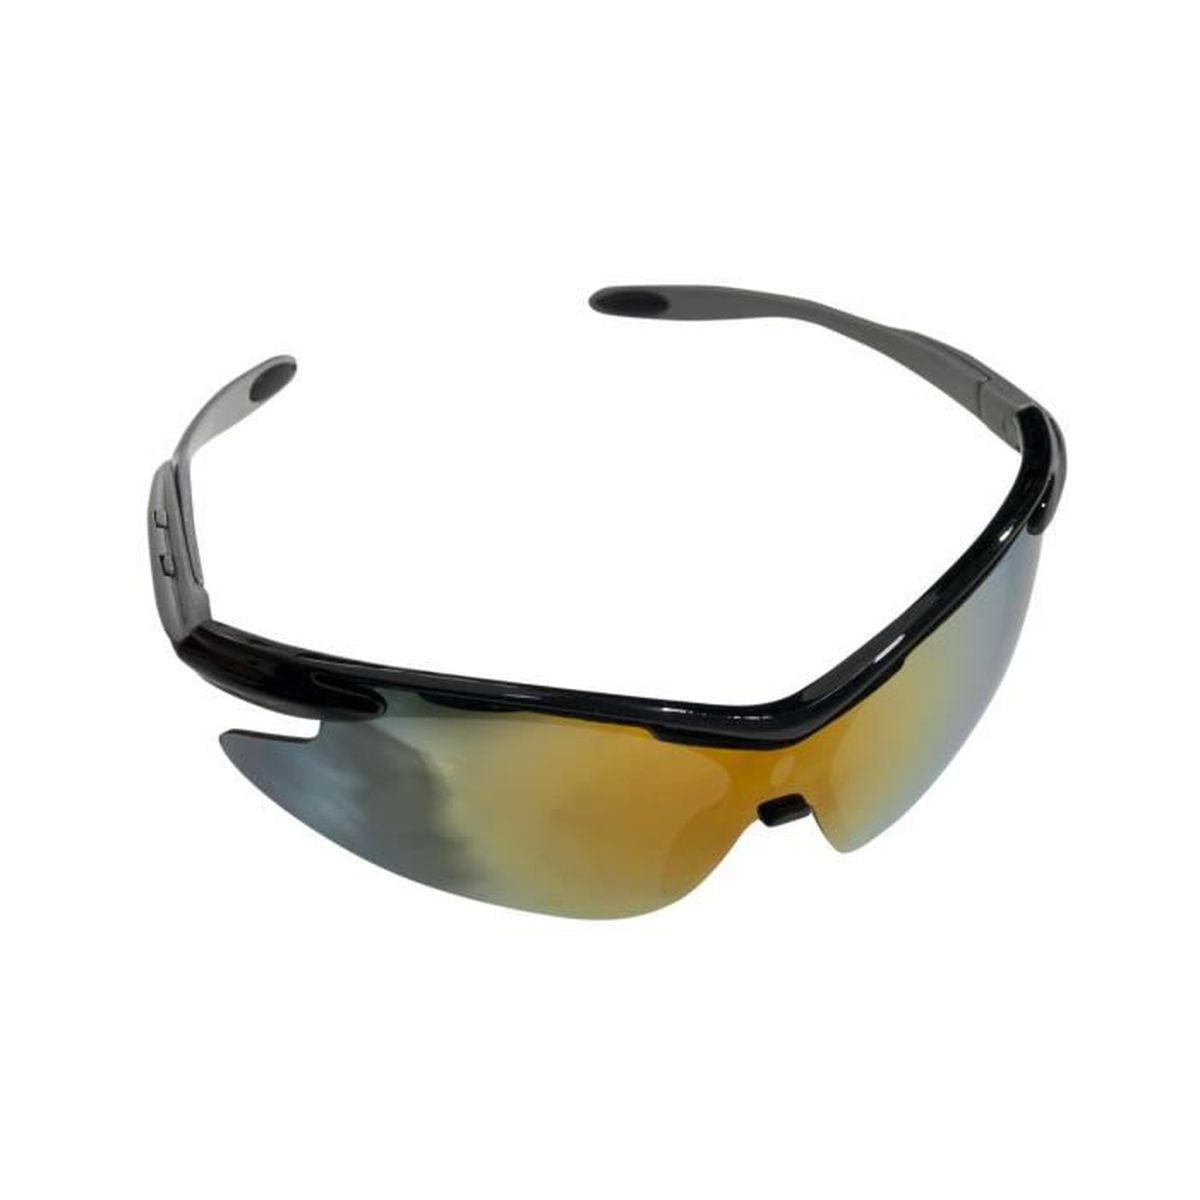 Trespass Taprobane - Lunettes de soleil de sport - Adulte unisexe (Taille unique) (Noir) hYsYCUKtv